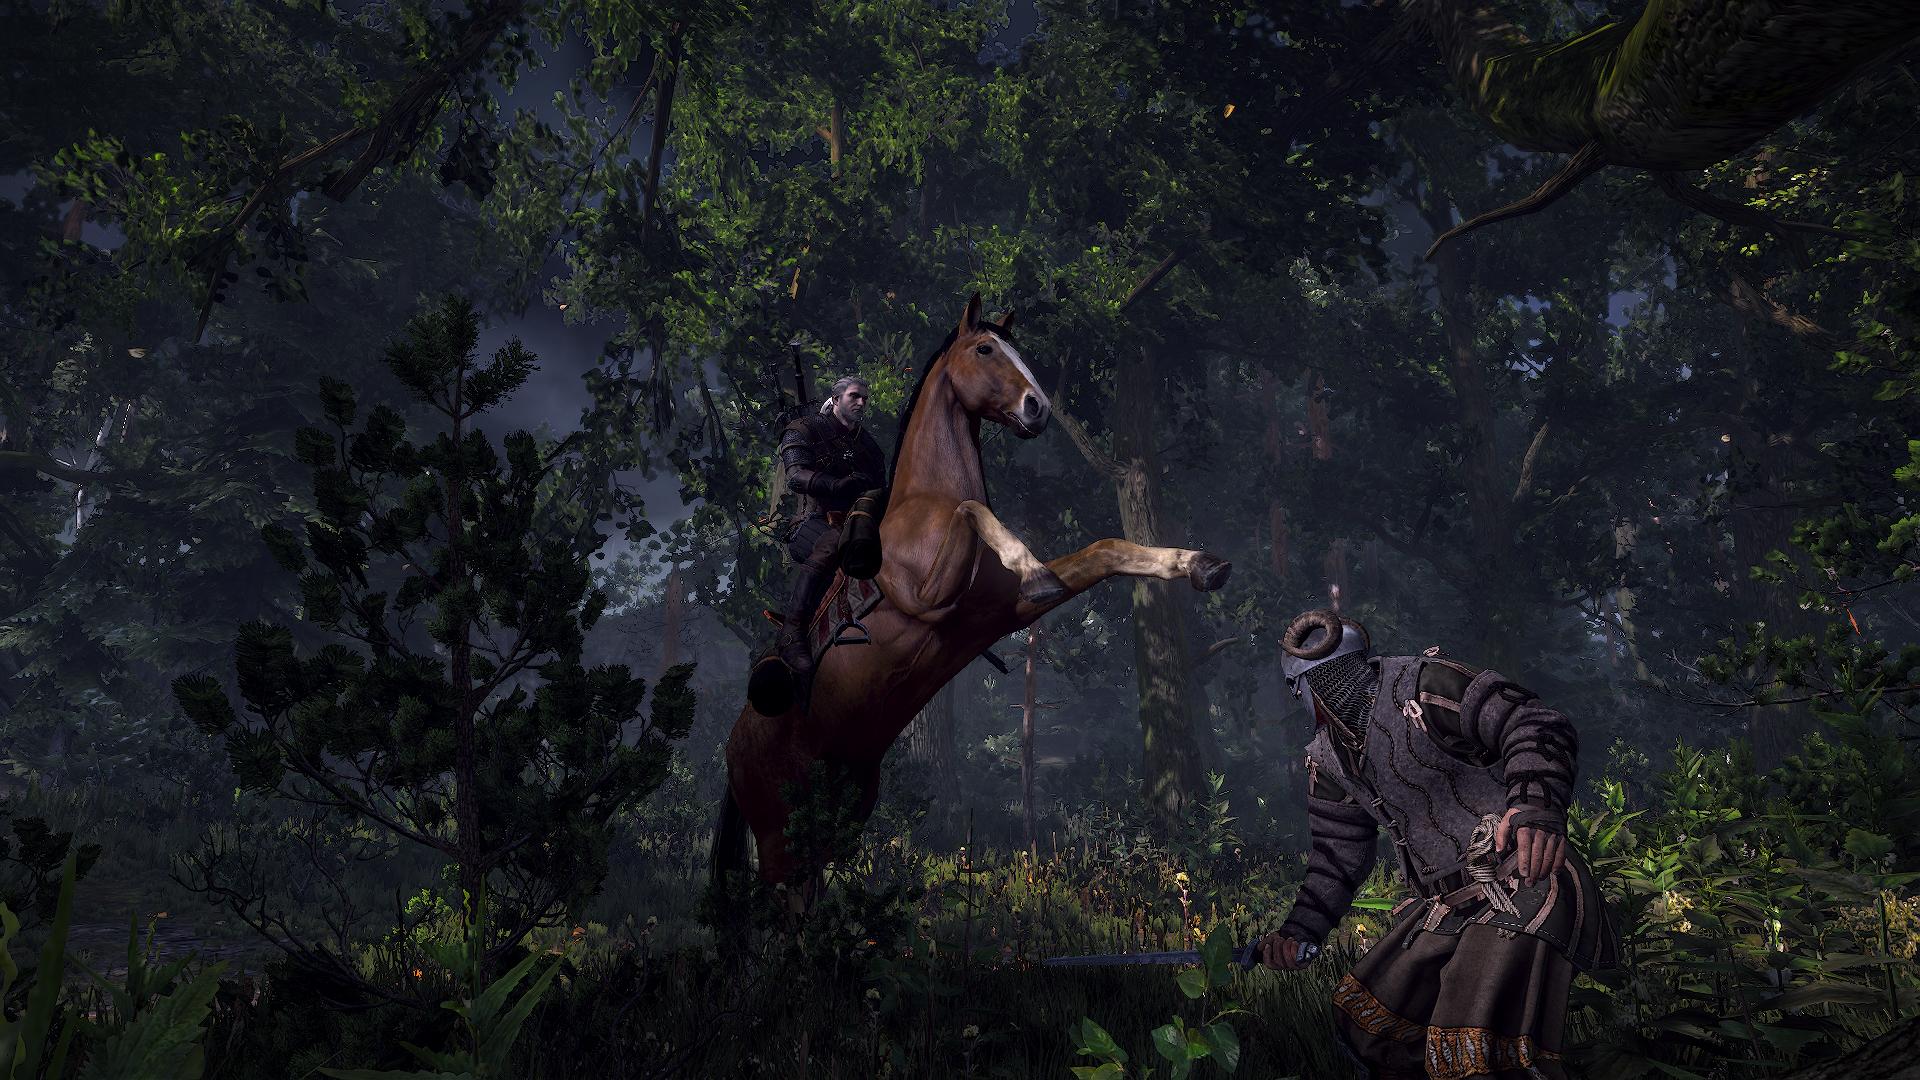 《巫師3》試玩圖文評測:好玩的次世代大作